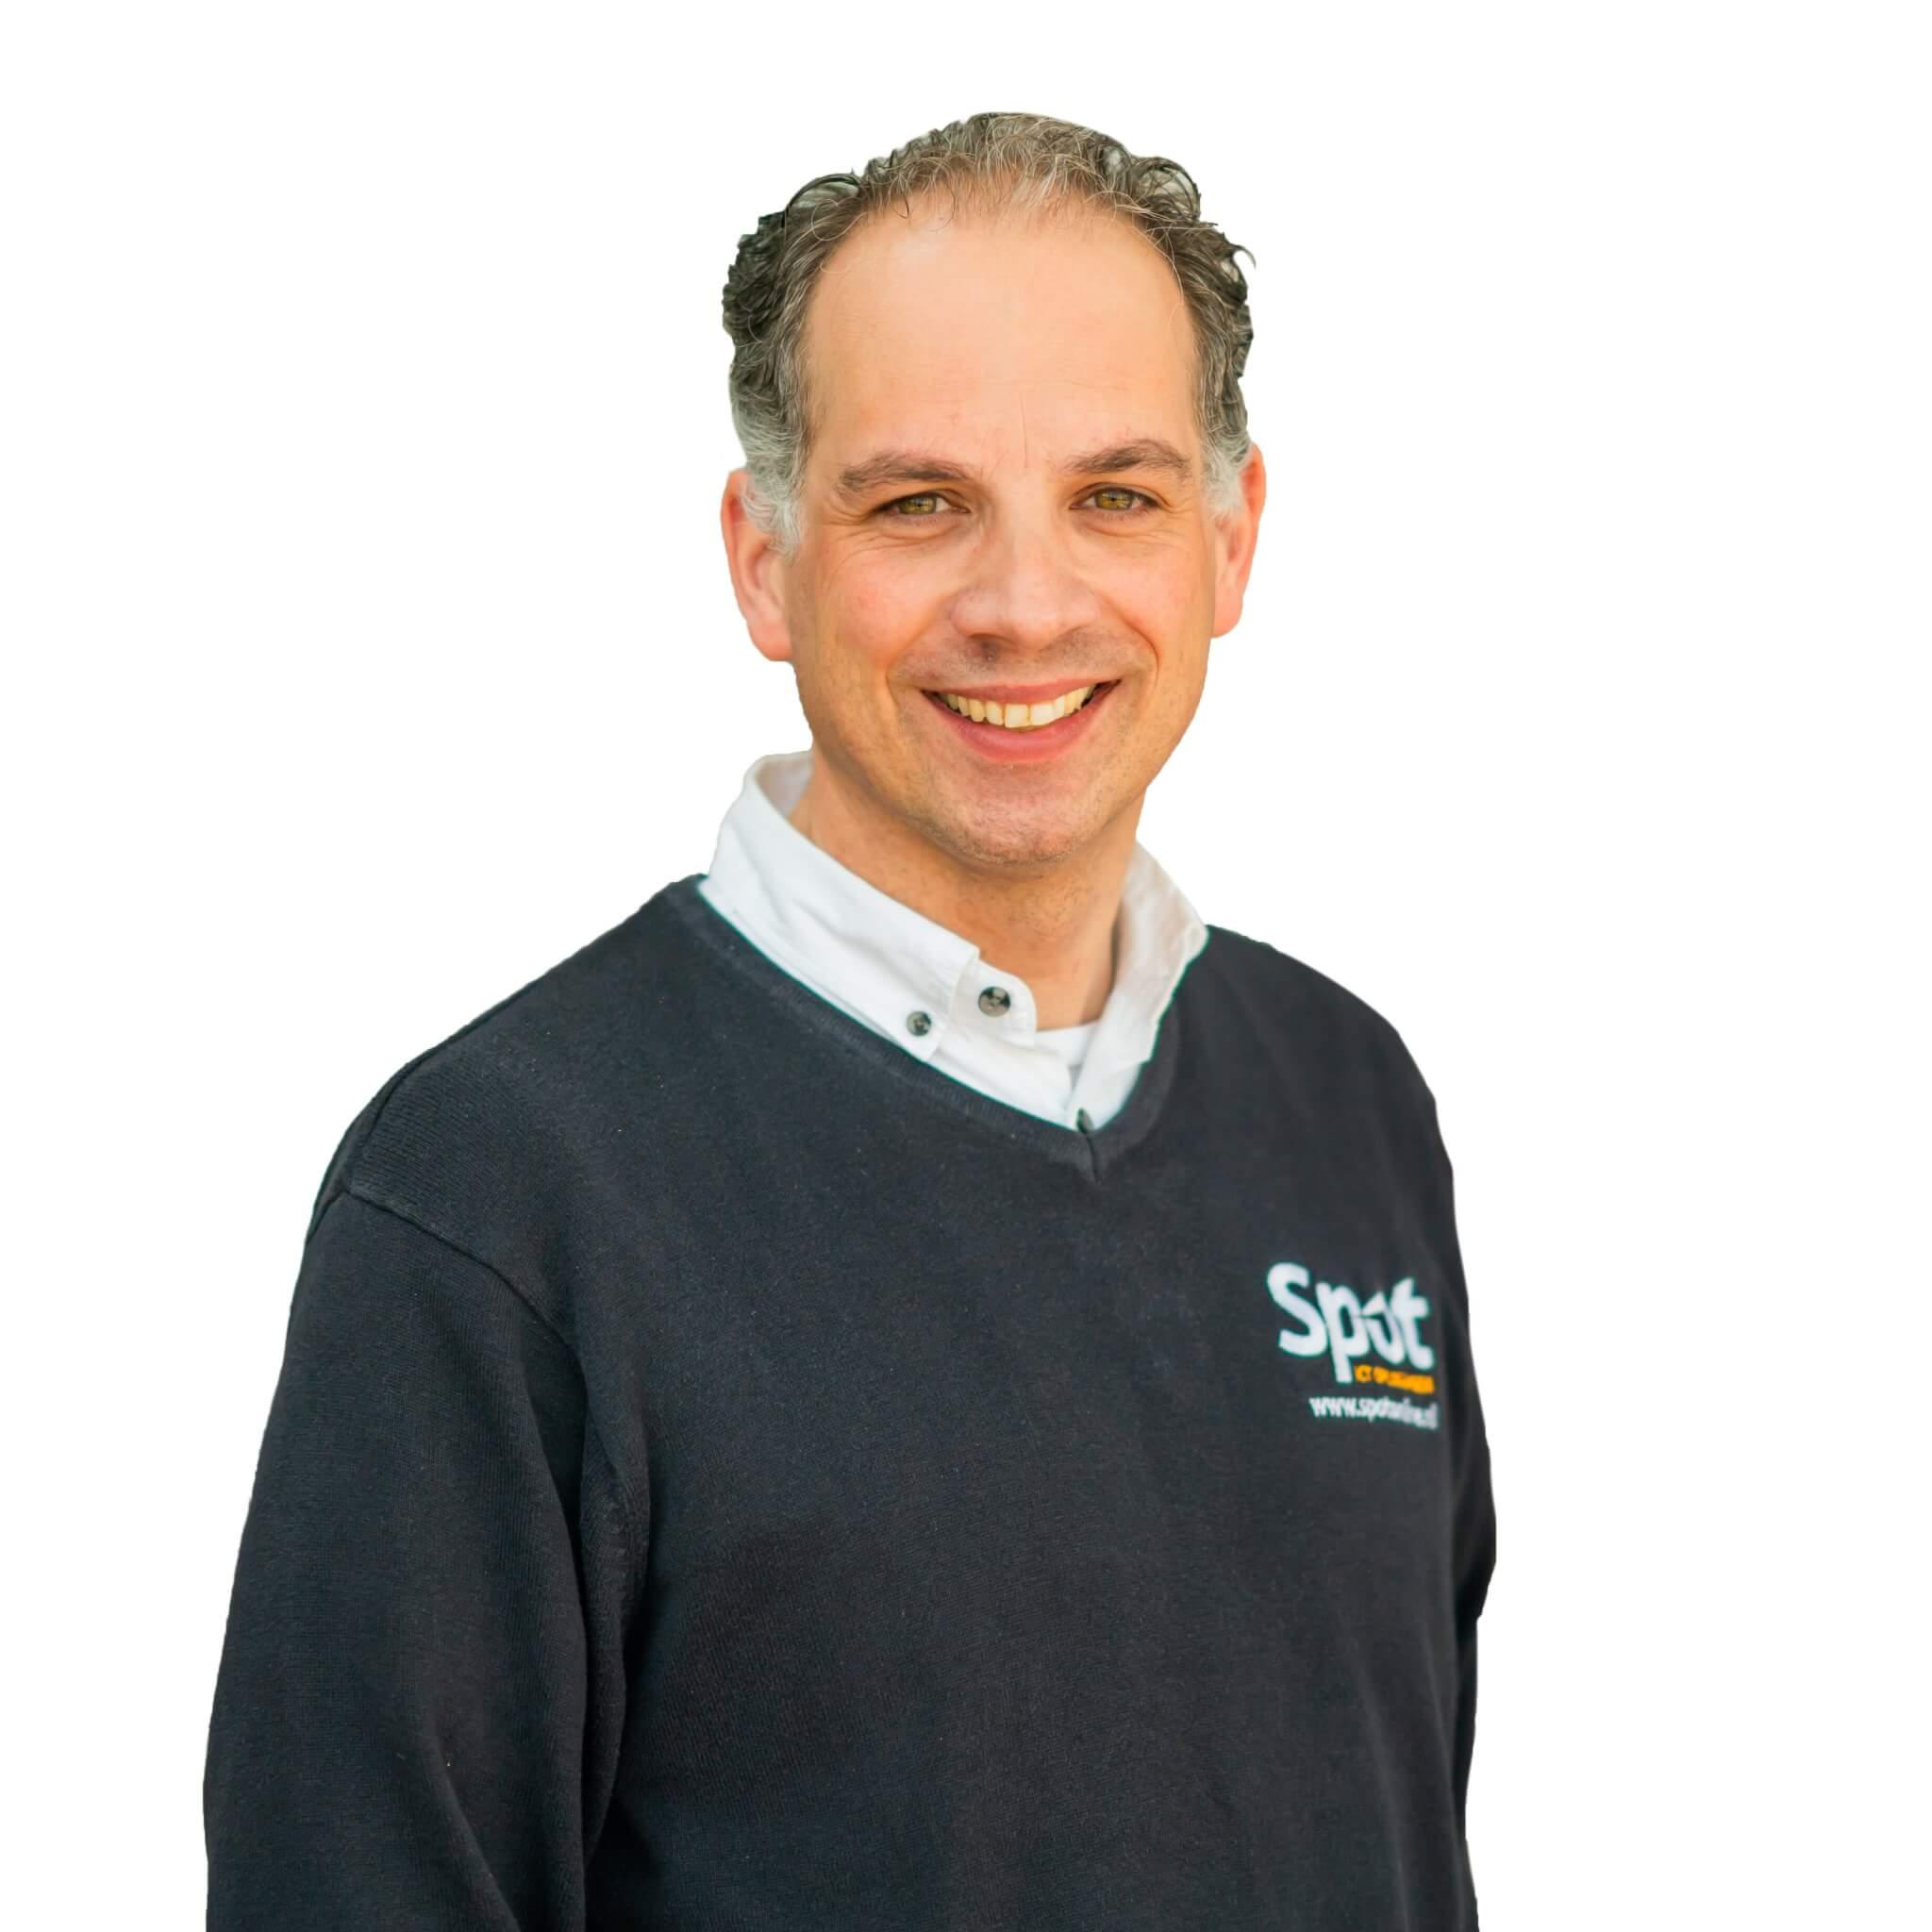 Spot Online medewerker Herman Zondag